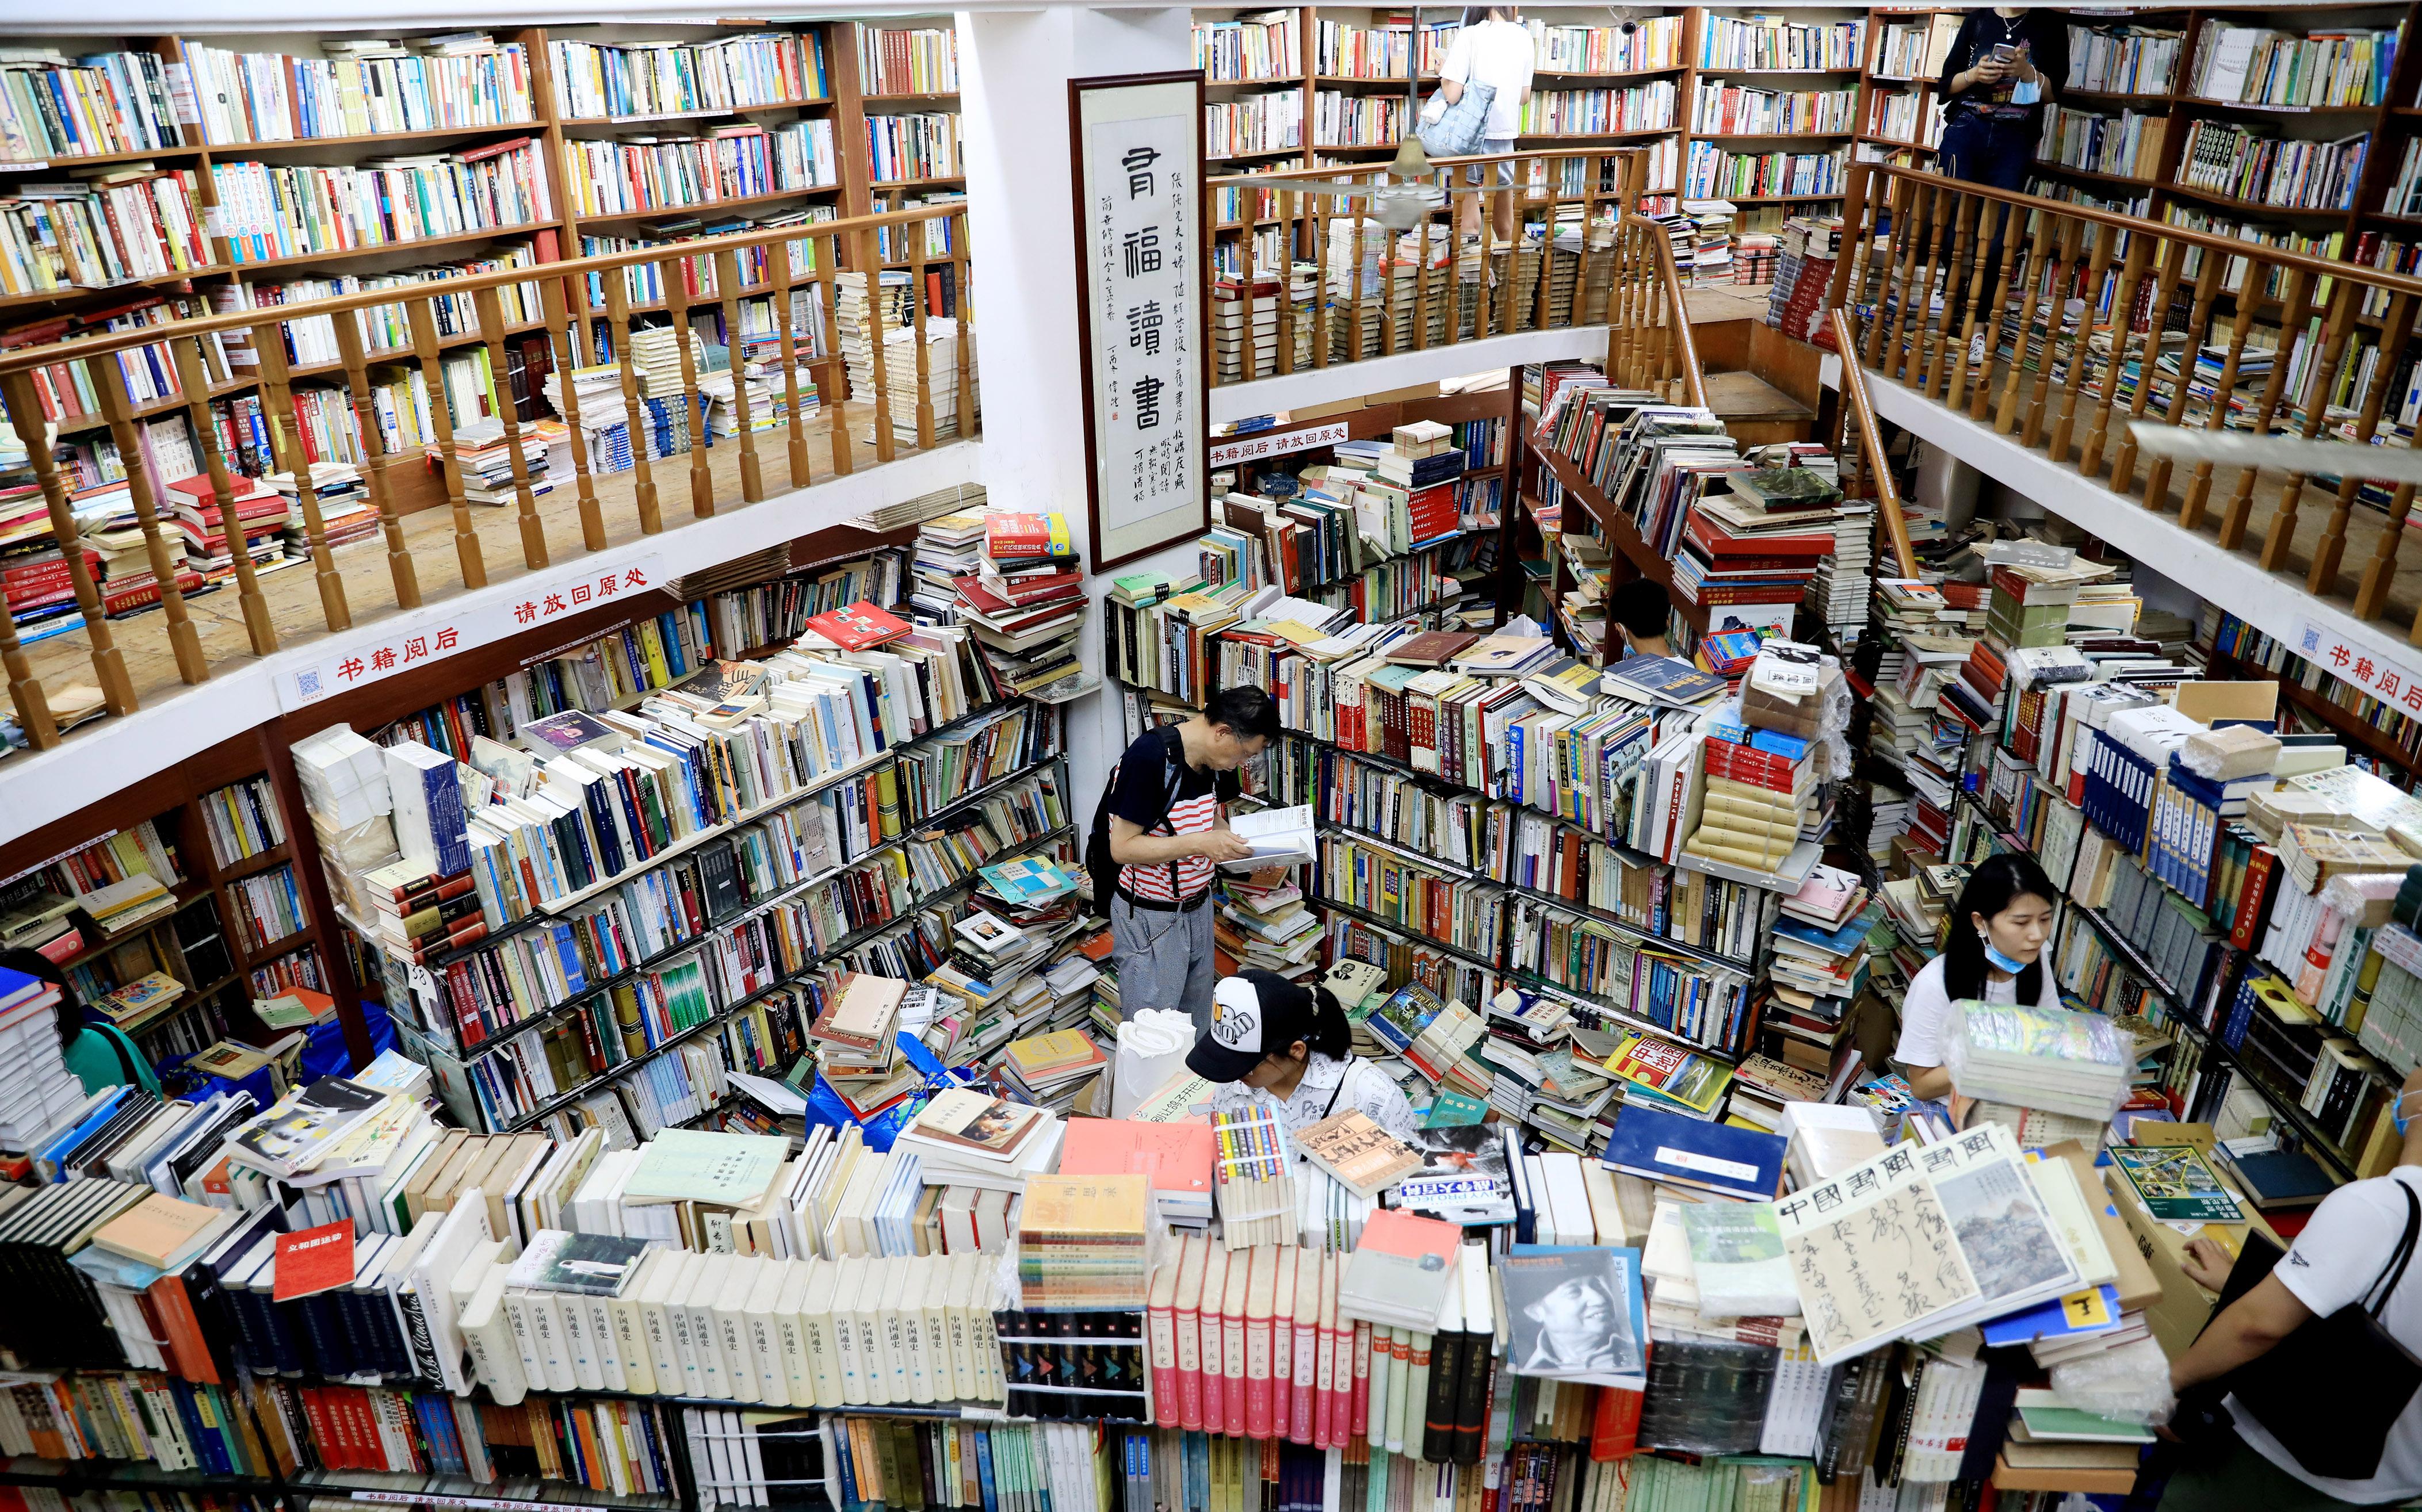 上海:菜市场楼上的旧书店